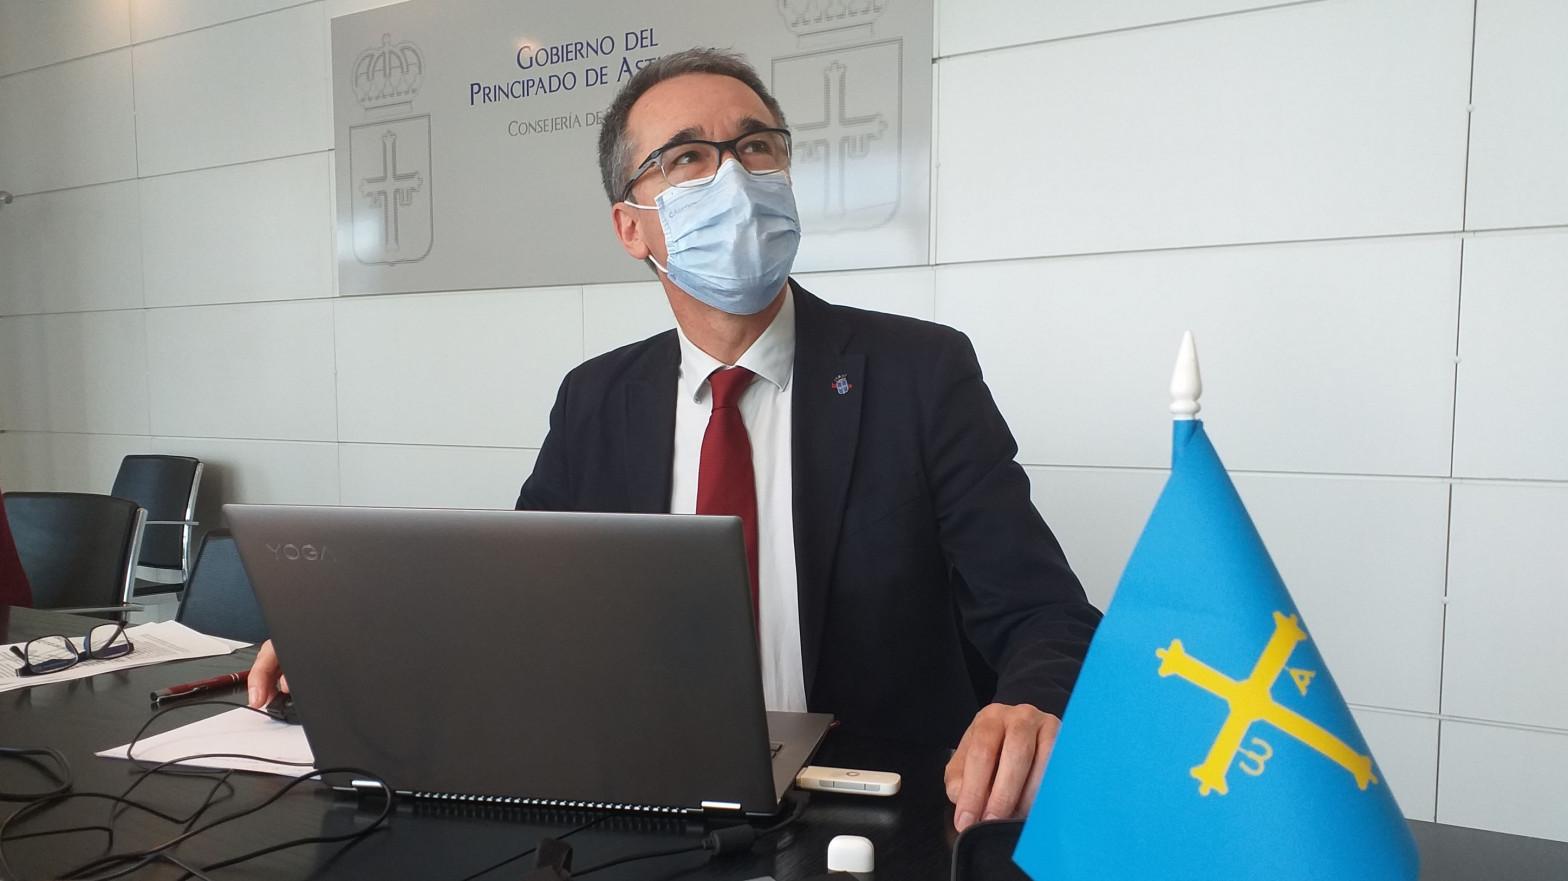 El gobierno de Asturias ataca a Madrid para defender su gestión de la pandemia